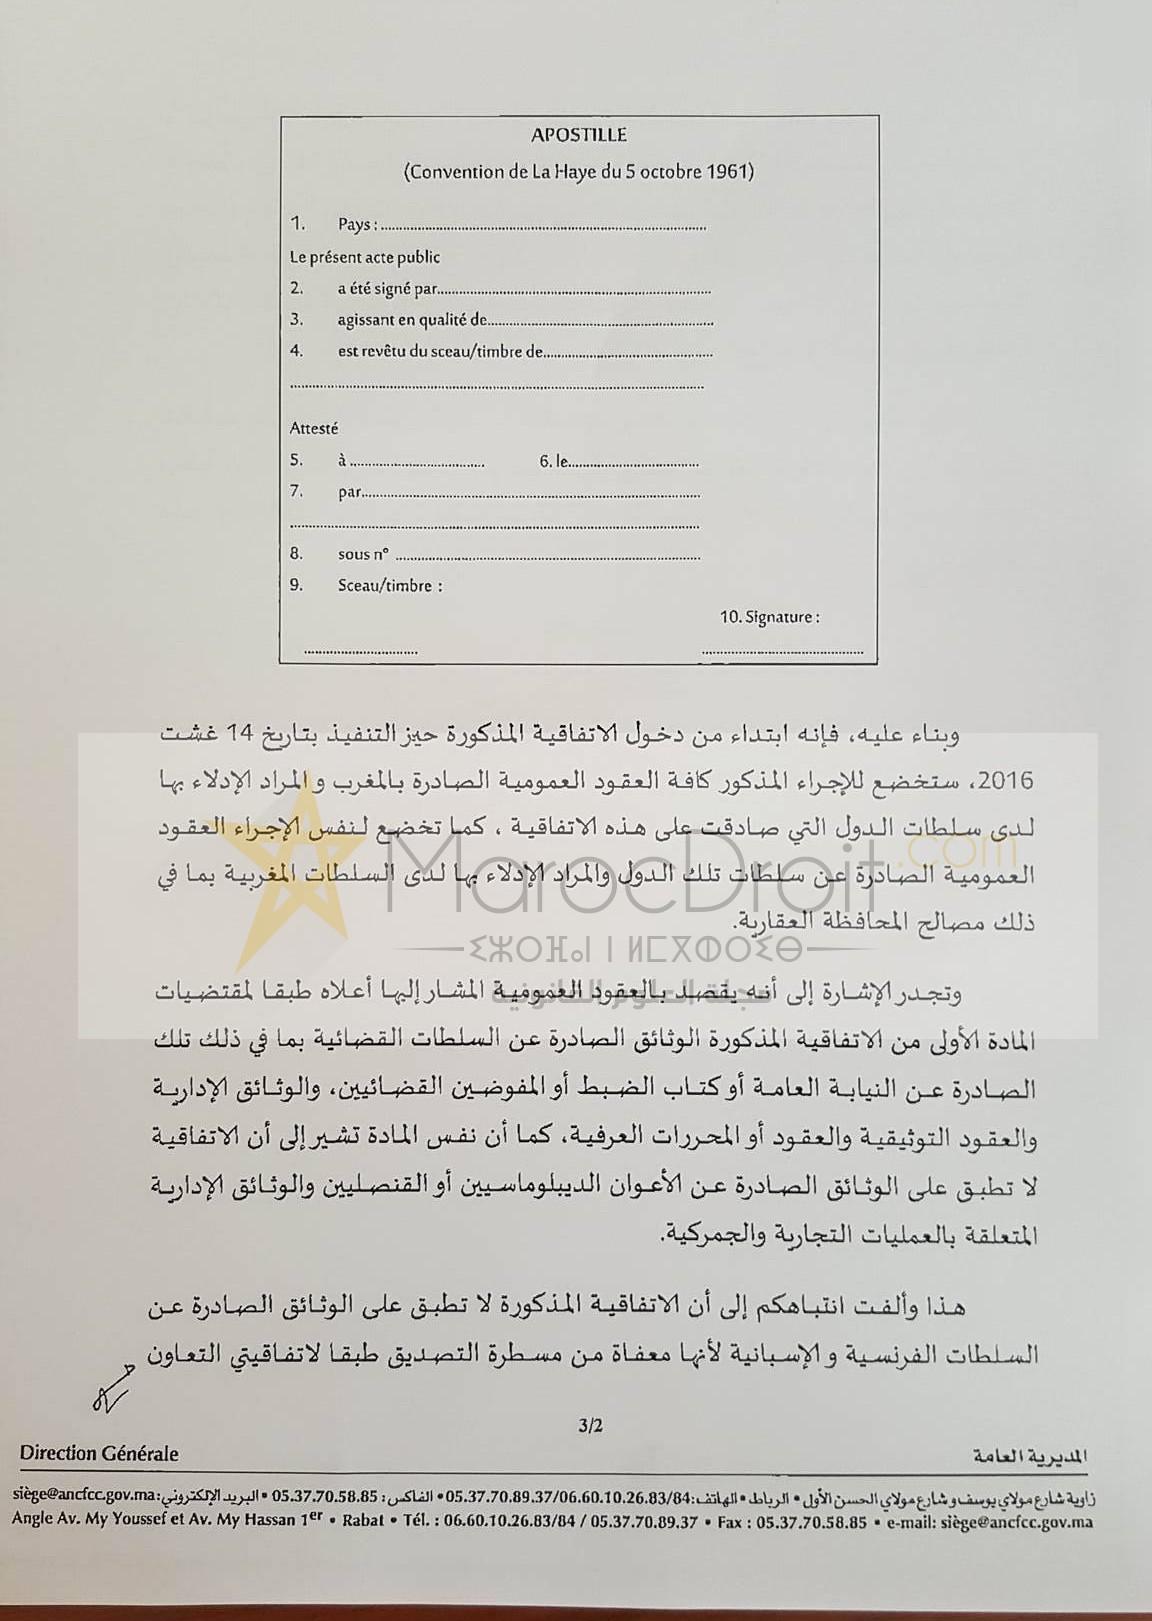 مذكرة عدد 22/2016 في شأن إتفاقة لاهاي بإلغاء إلزامية التصديق على العقود العمومية الأجنبية